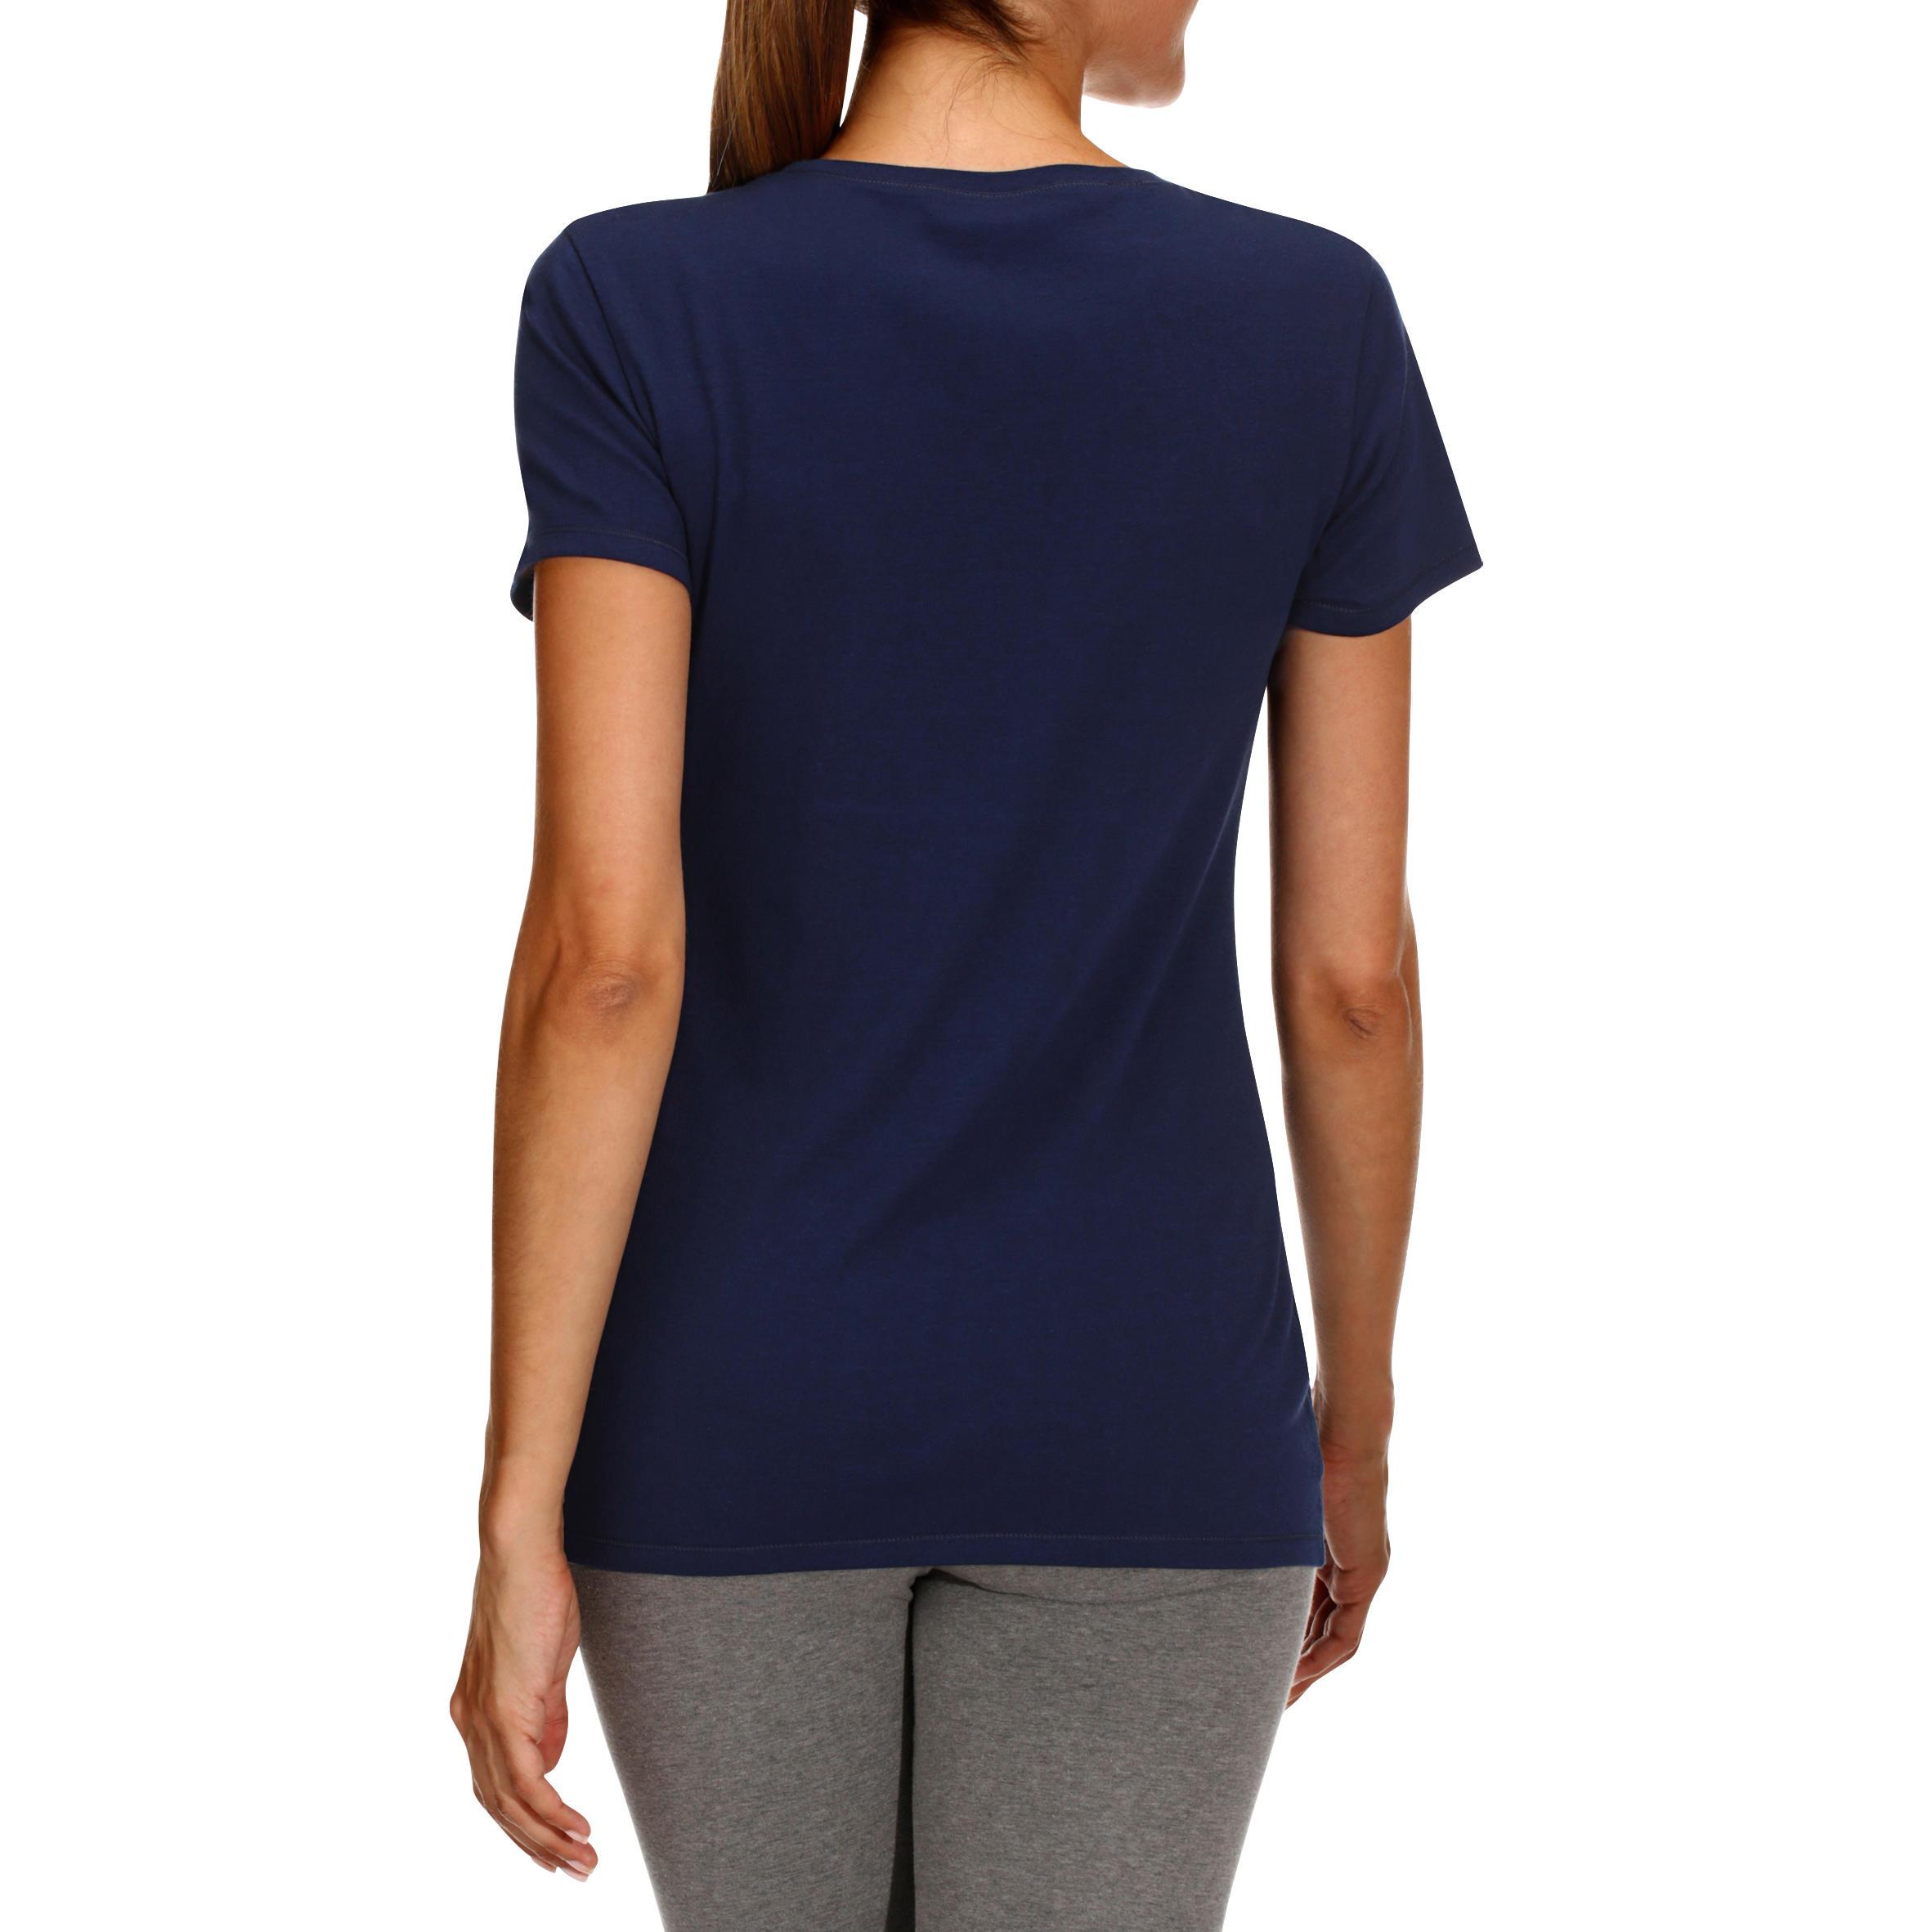 Courtes Pilates Marine Bleu Gymamp; Shirt Femme Régular Manches T jLGqMSzpVU